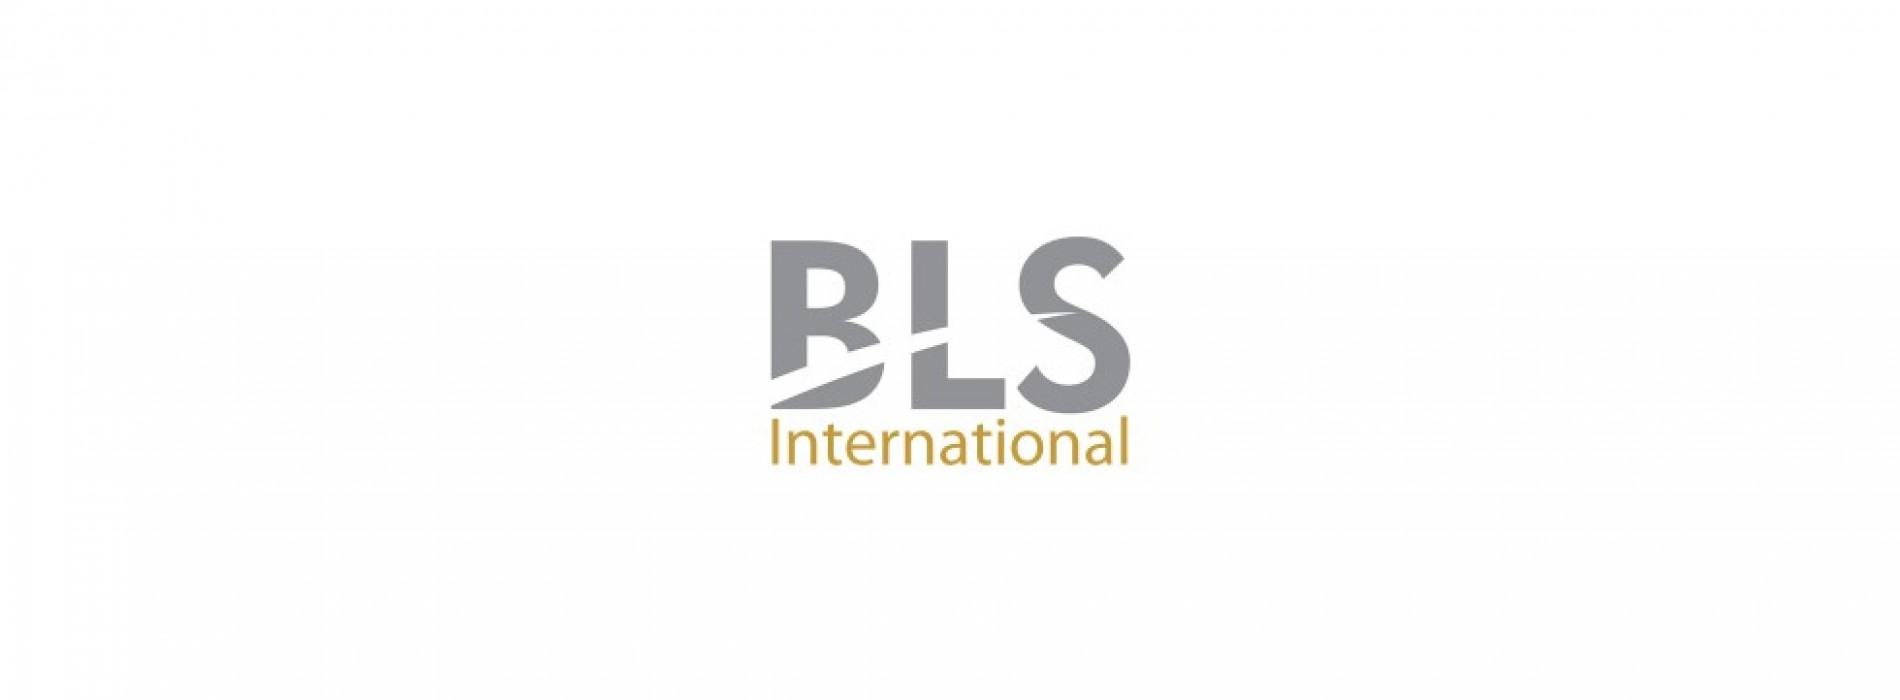 BLS International launches Spain Visa Application Center in Chennai